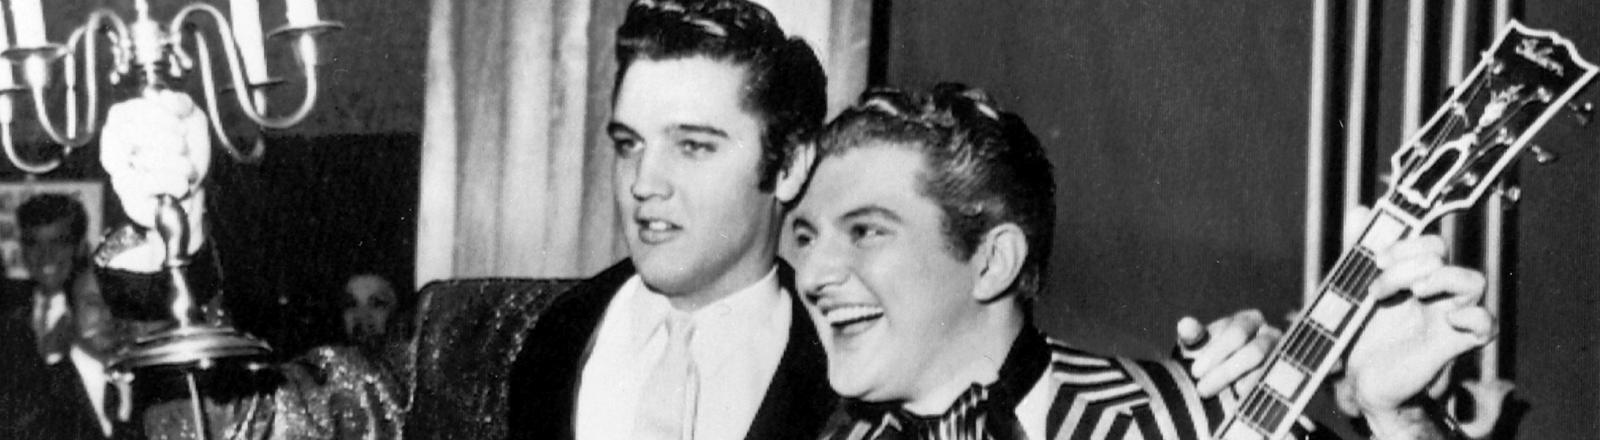 Schwarz-Weiß-Foto, Elvis Presley umarmt den Entertainer Liberace, in der anderen Hand hält er eine Lampe; Bild: dpa